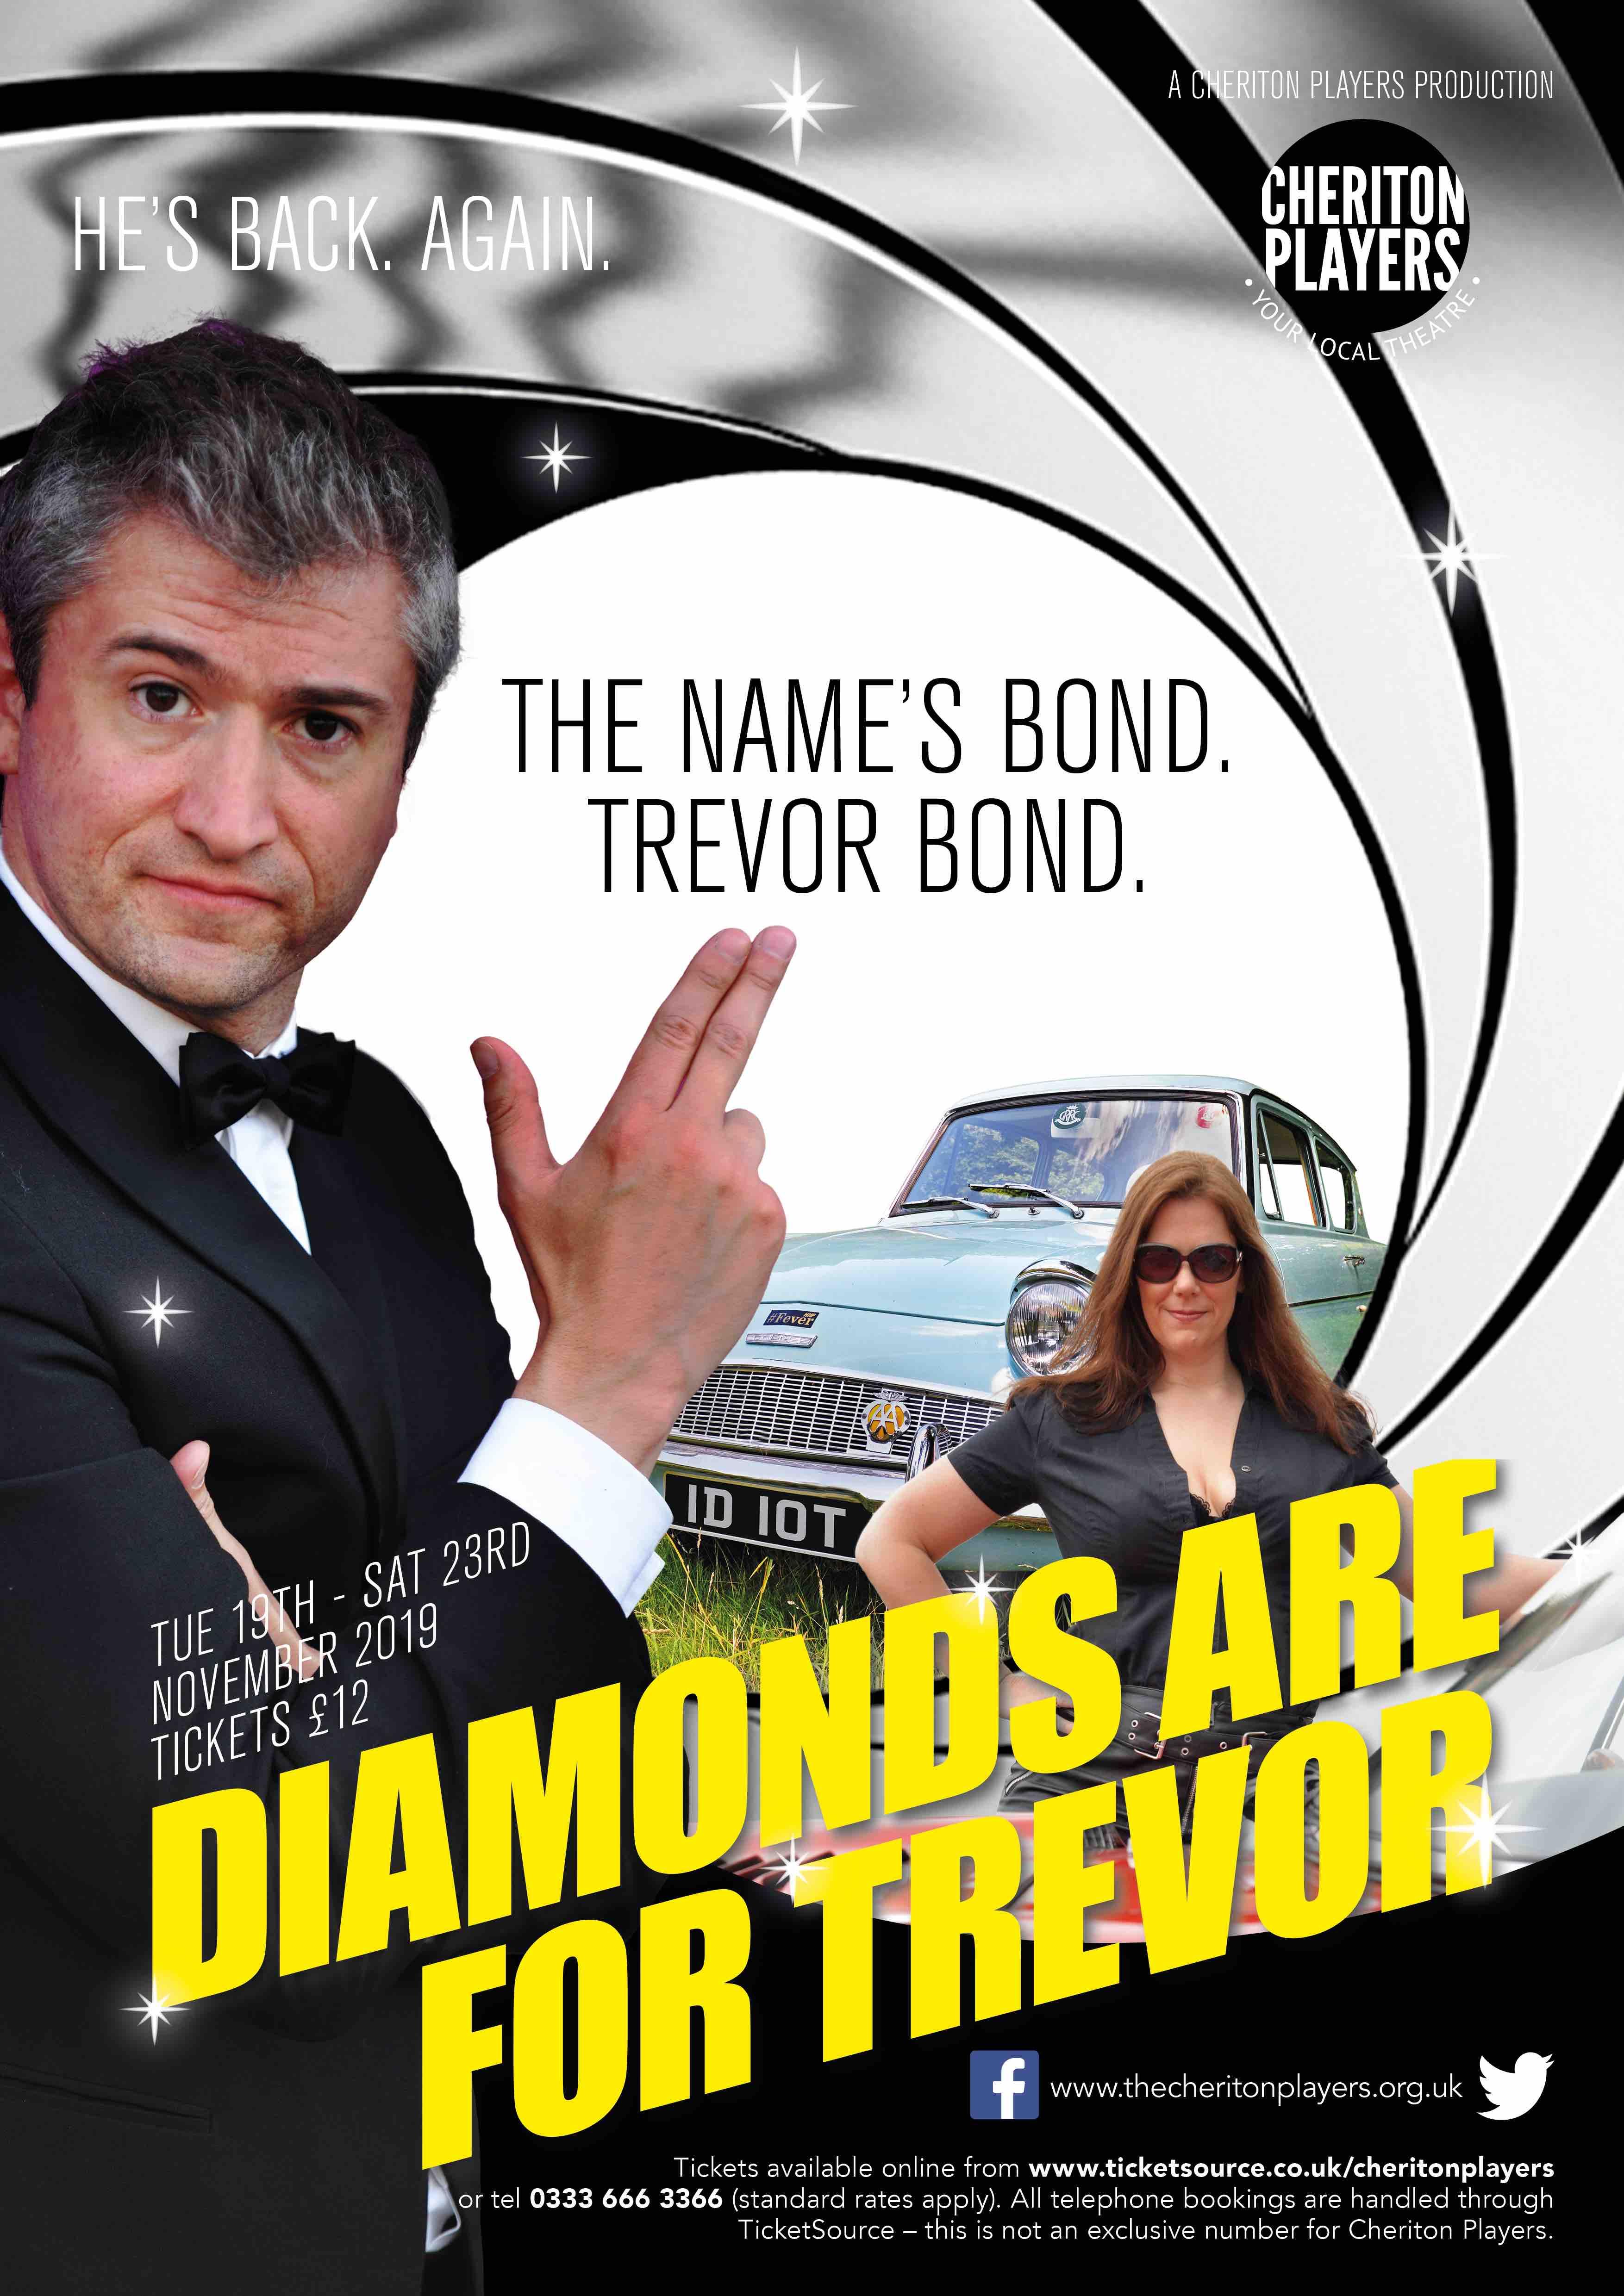 Diamonds are for Trevor